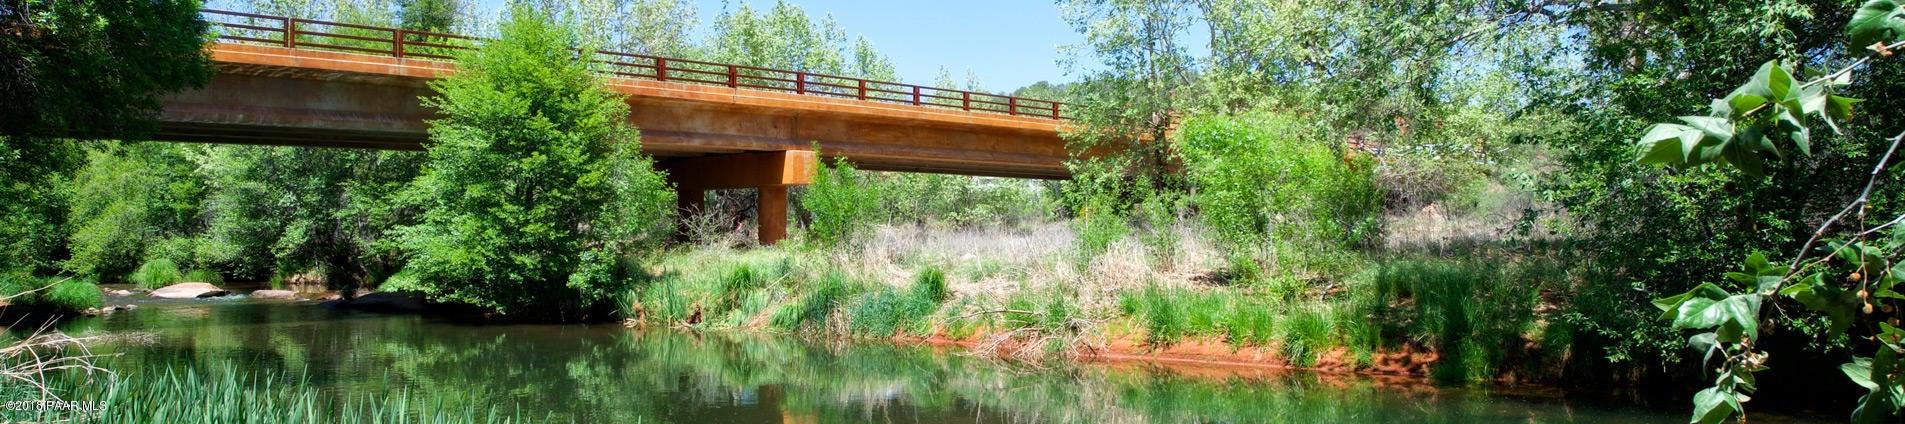 317 Loy Lane Sedona, AZ 86336 - MLS #: 1014687